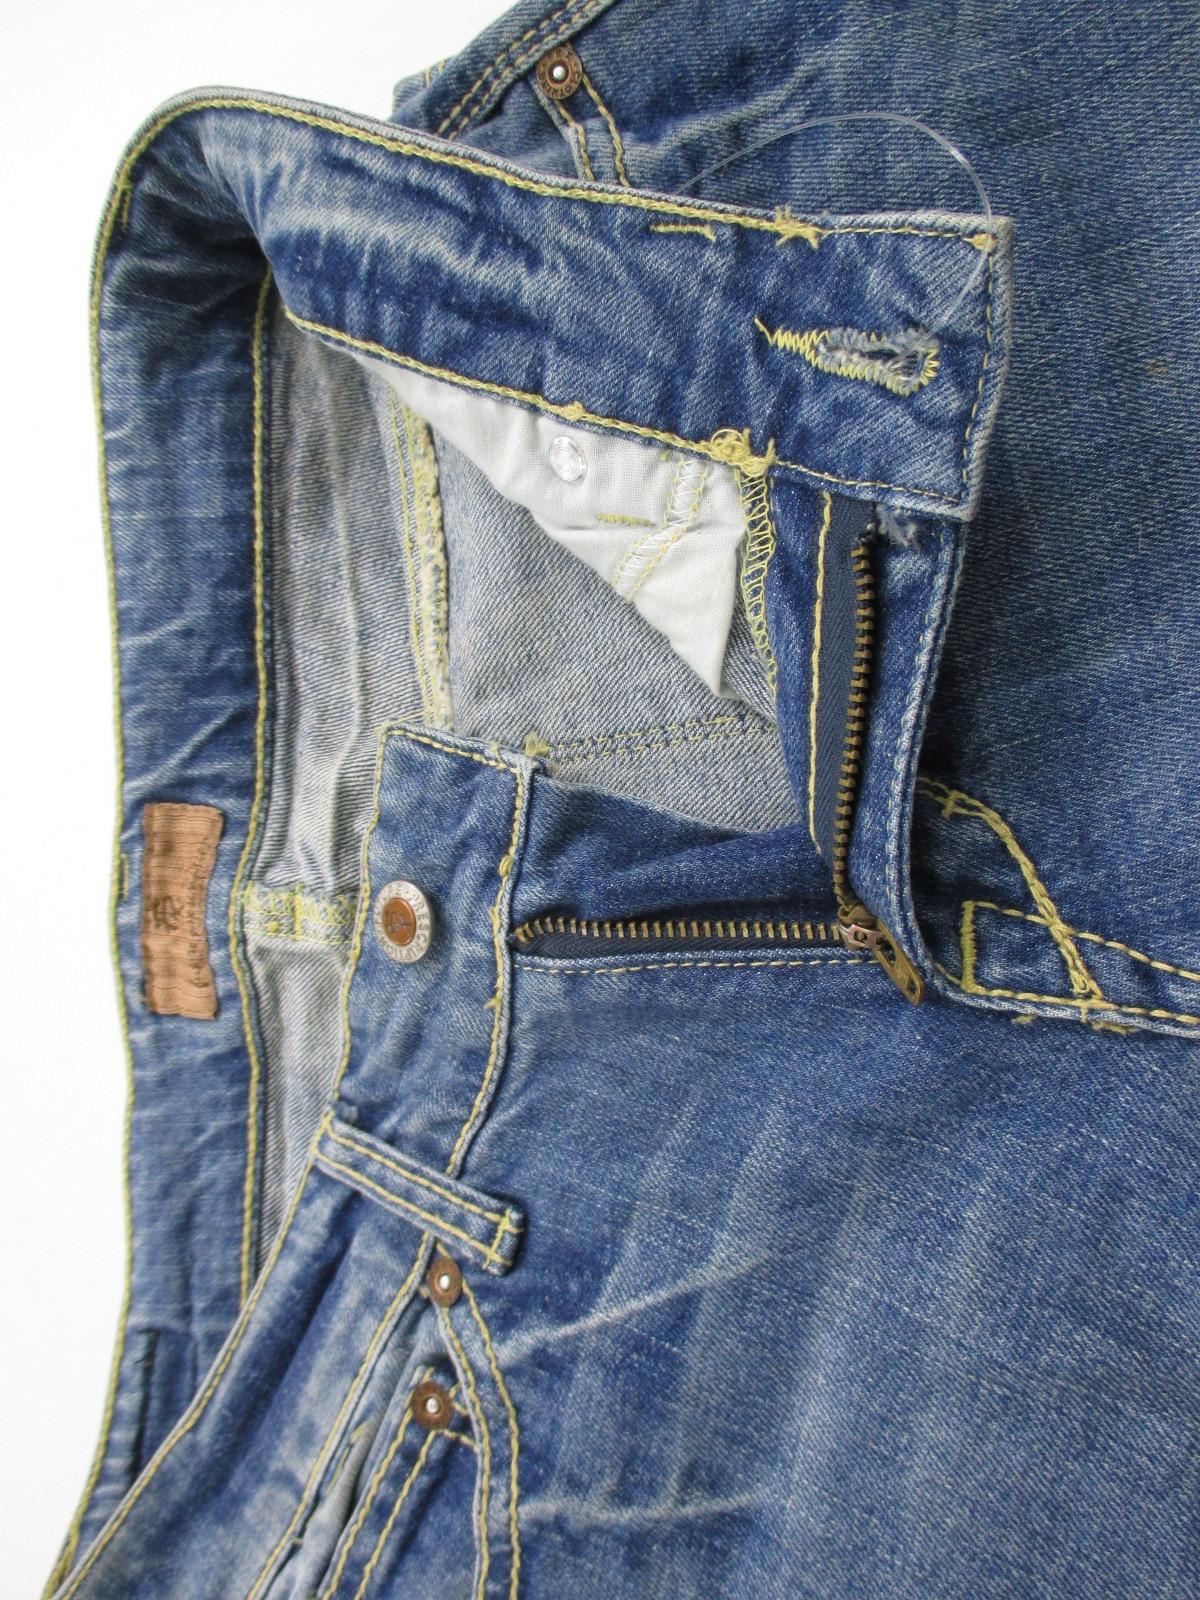 FRx(エフアールエックス)のジーンズ